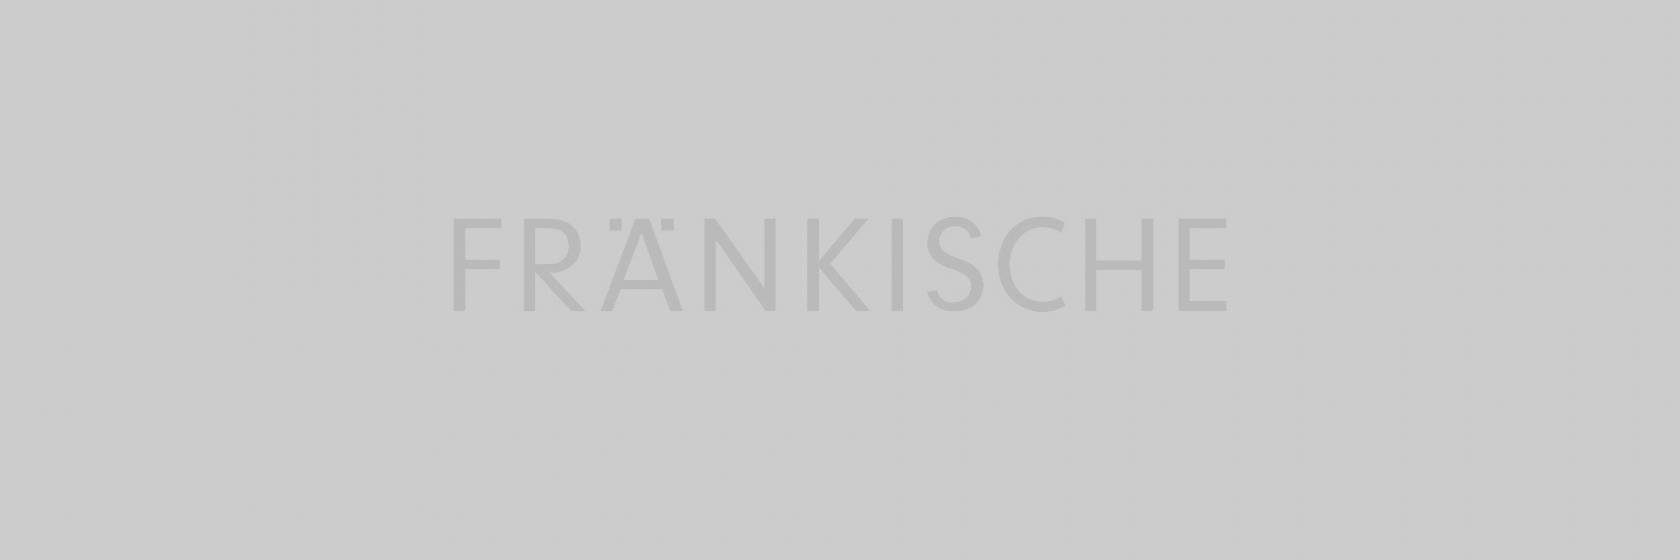 Une entreprise implantée à Königsberg – un succès mondial